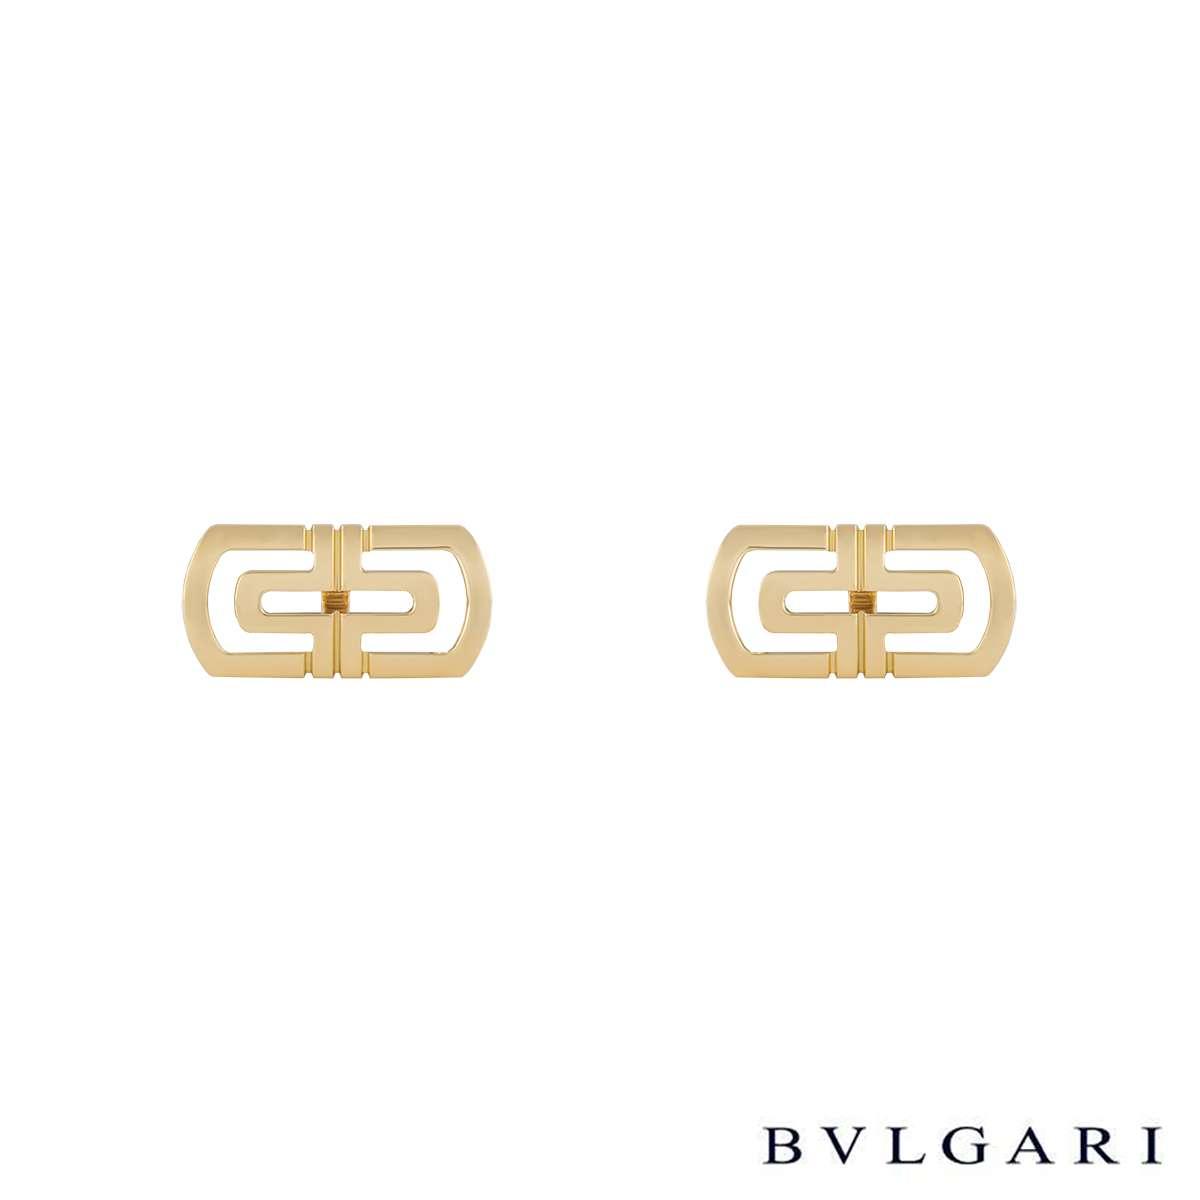 Bvlgari 18k Yellow Gold Parentesi Cufflinks